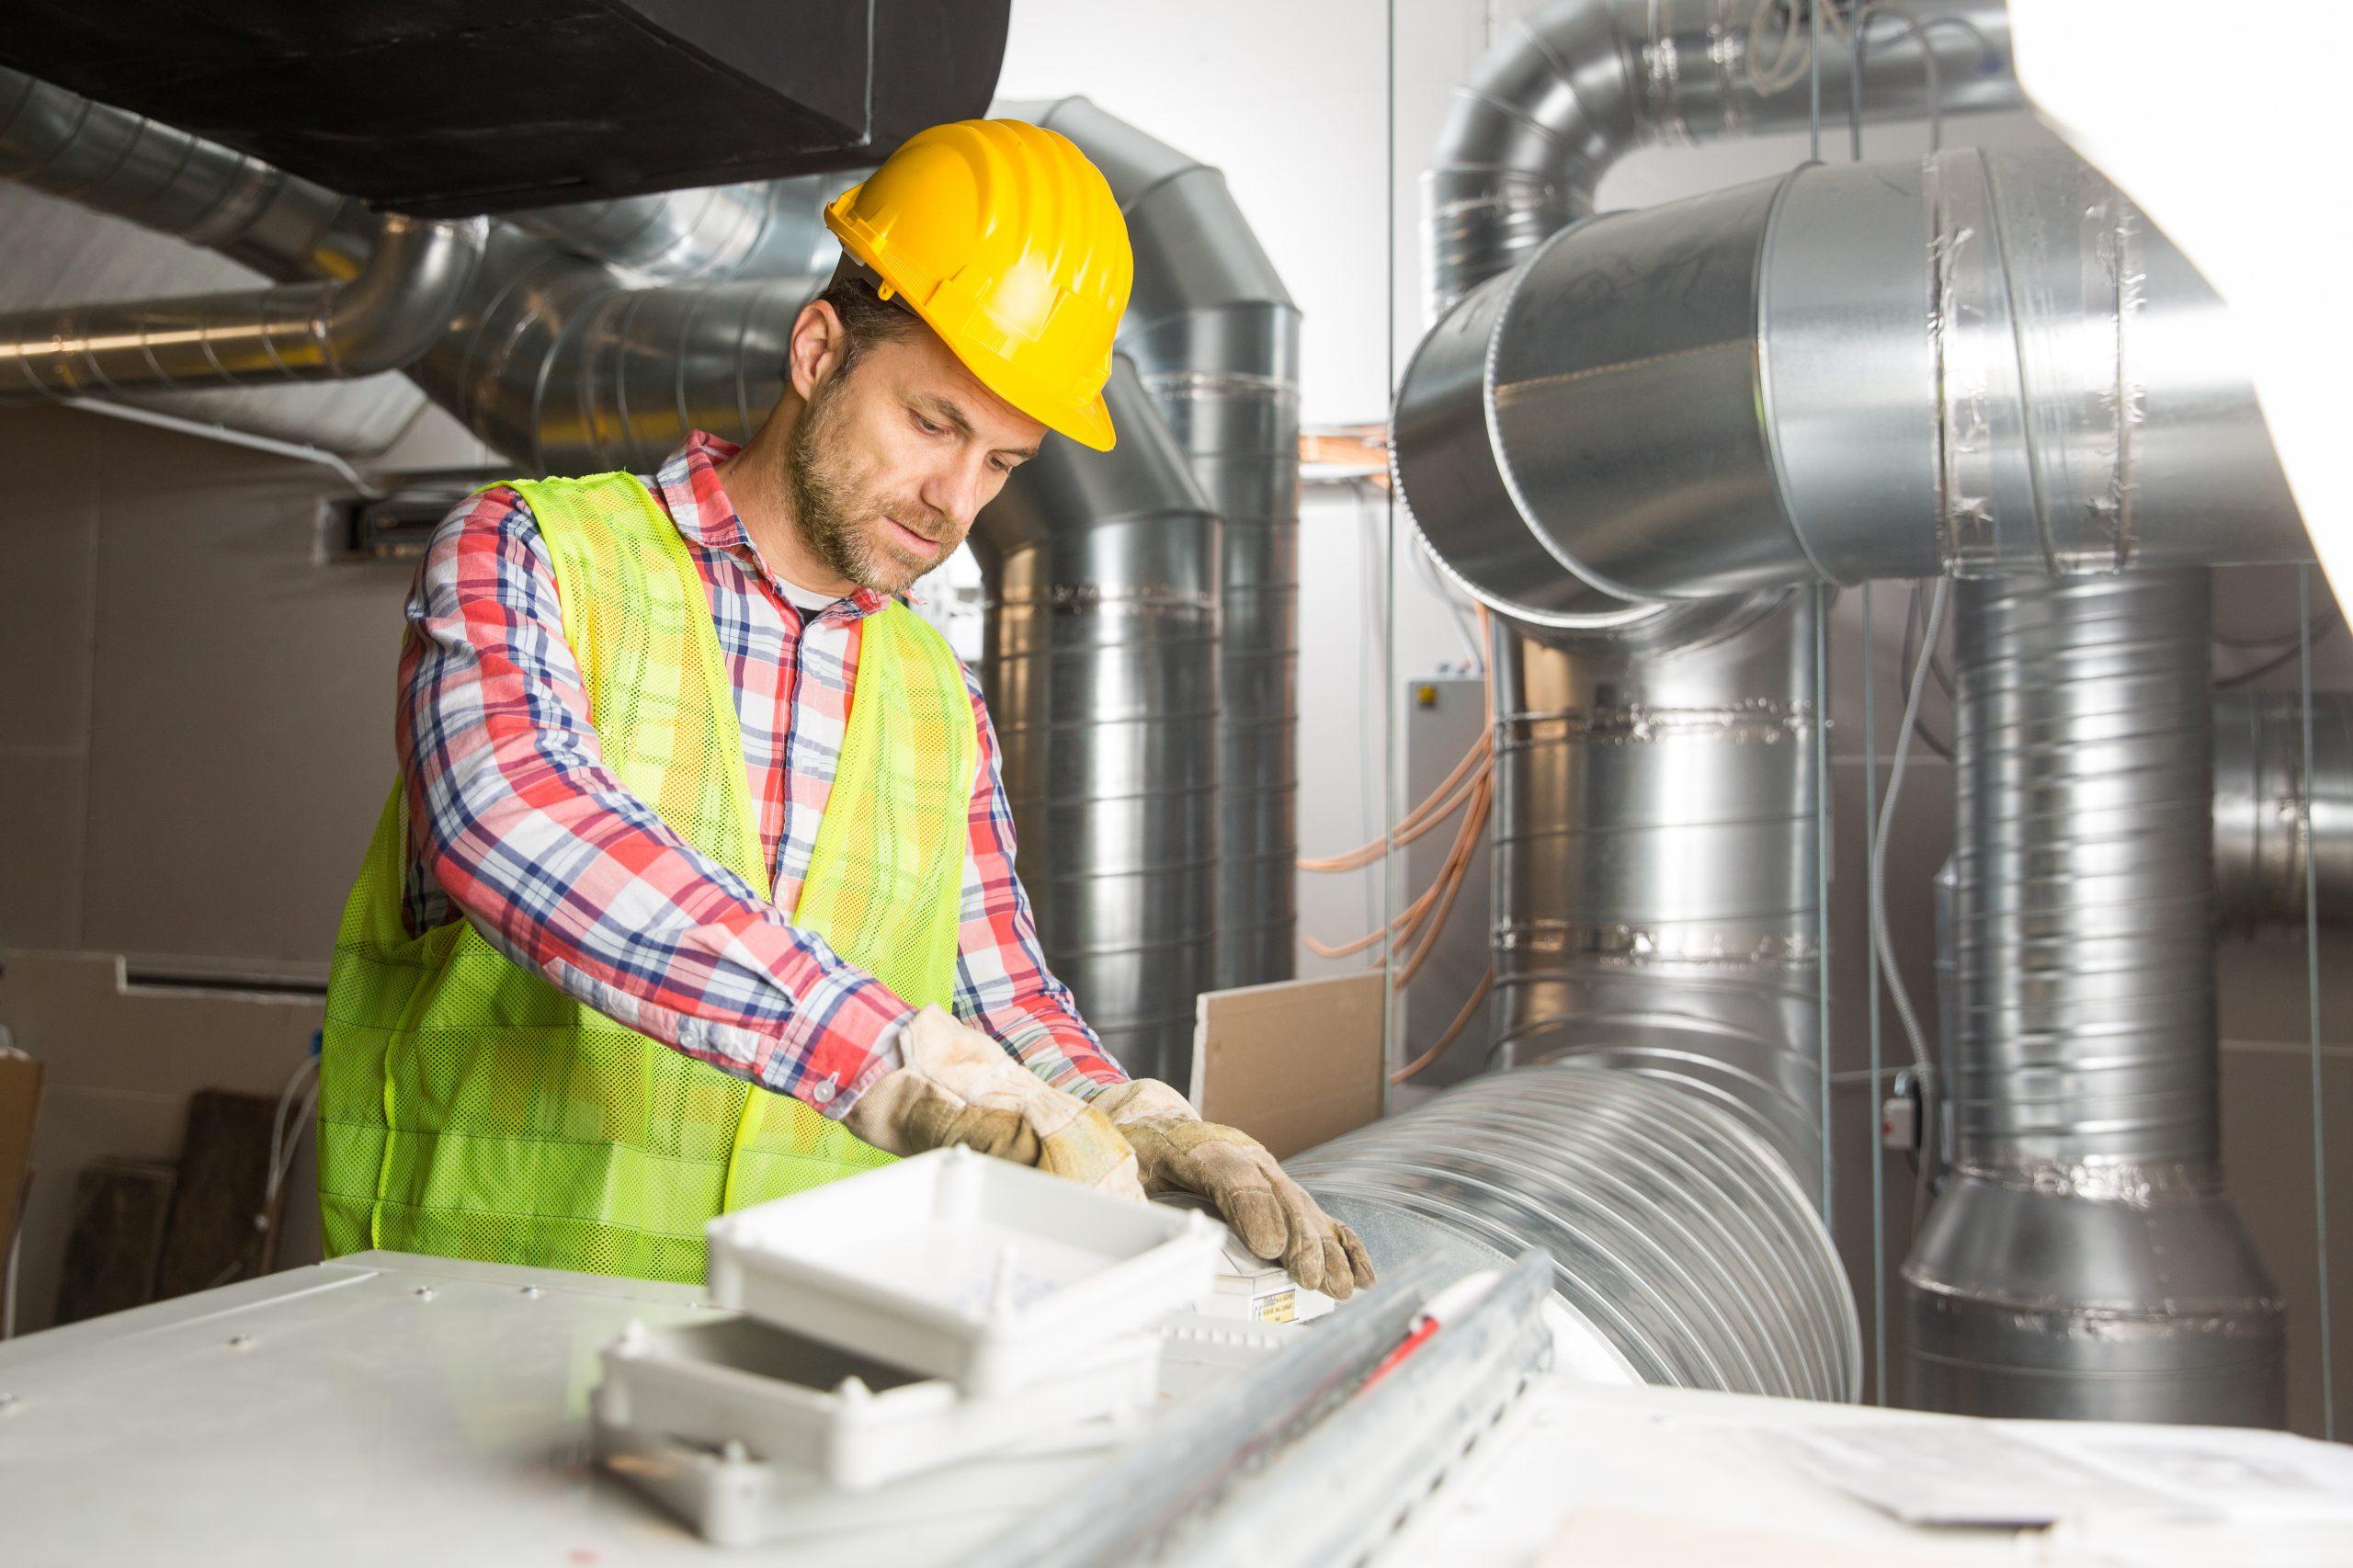 Servictechniker führt eine Wartung oder Installation durch